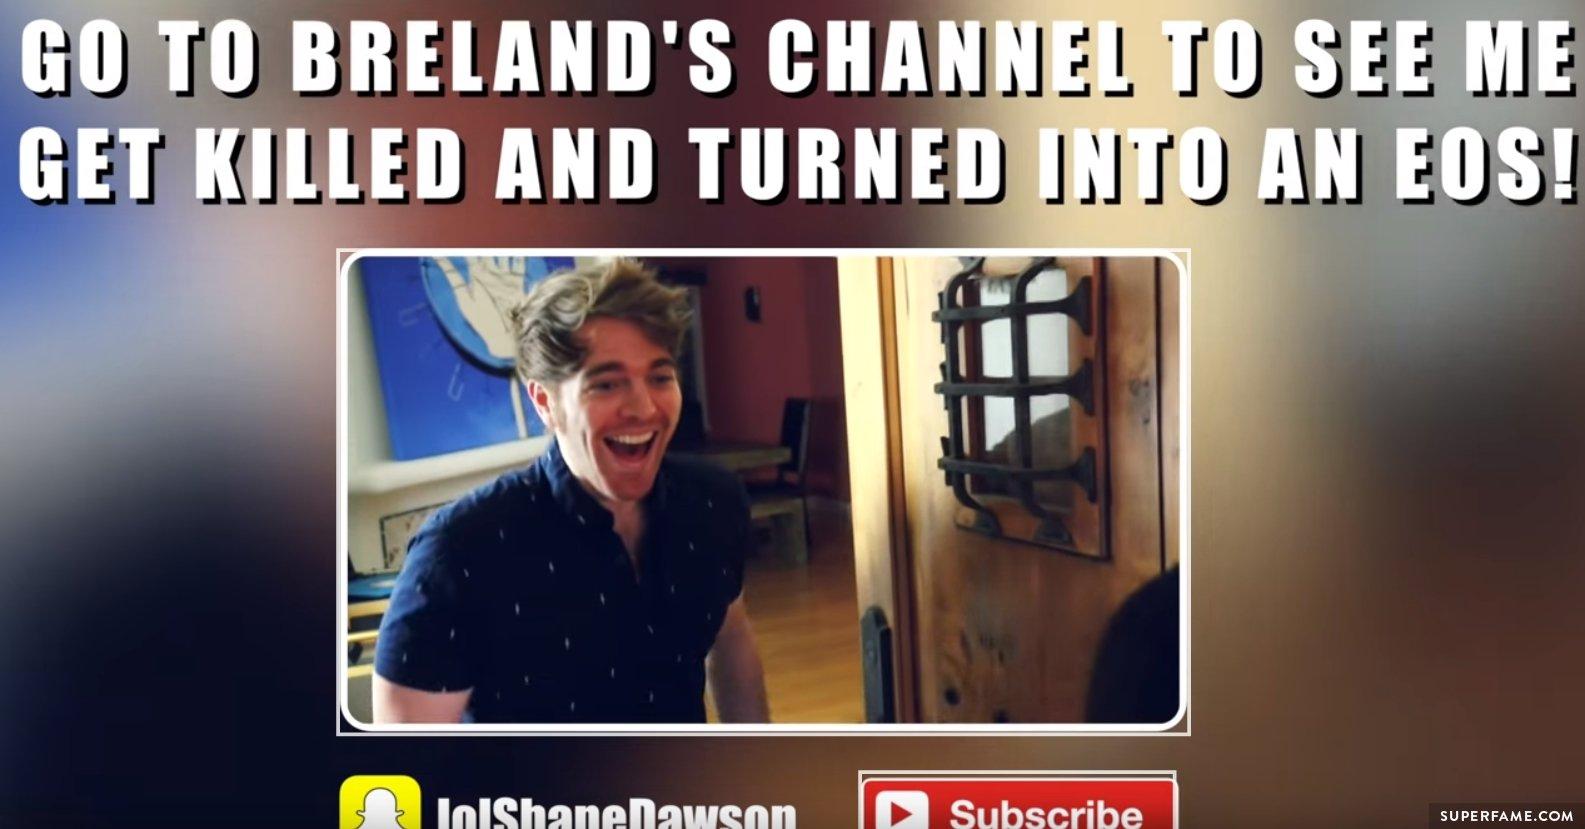 Shane on YouTube.